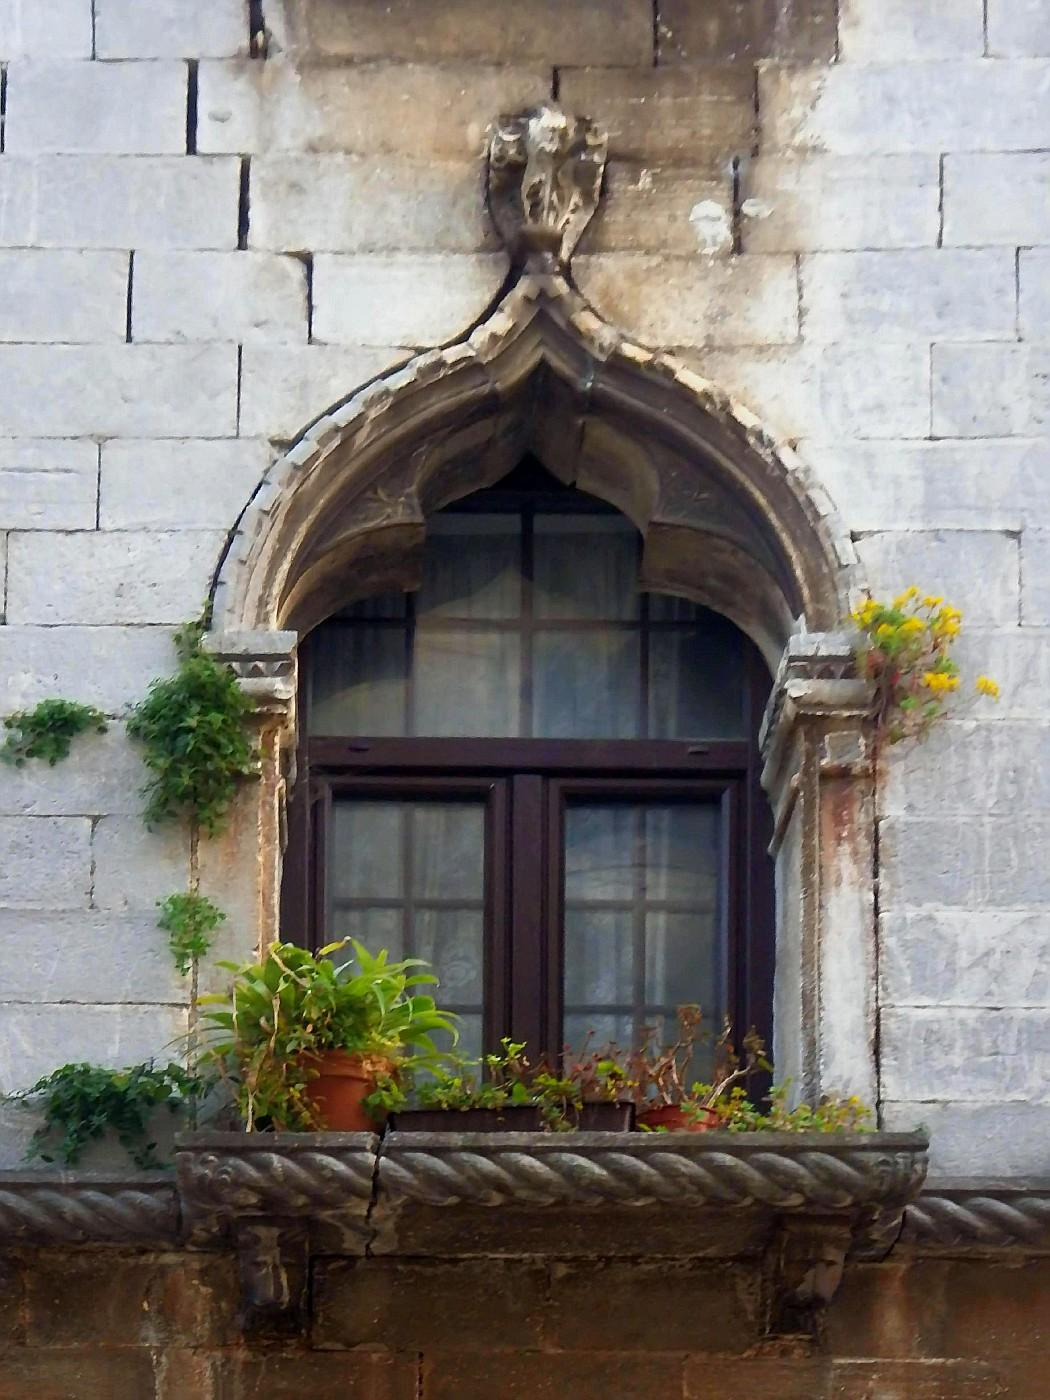 Fenster des gotischen Hauses